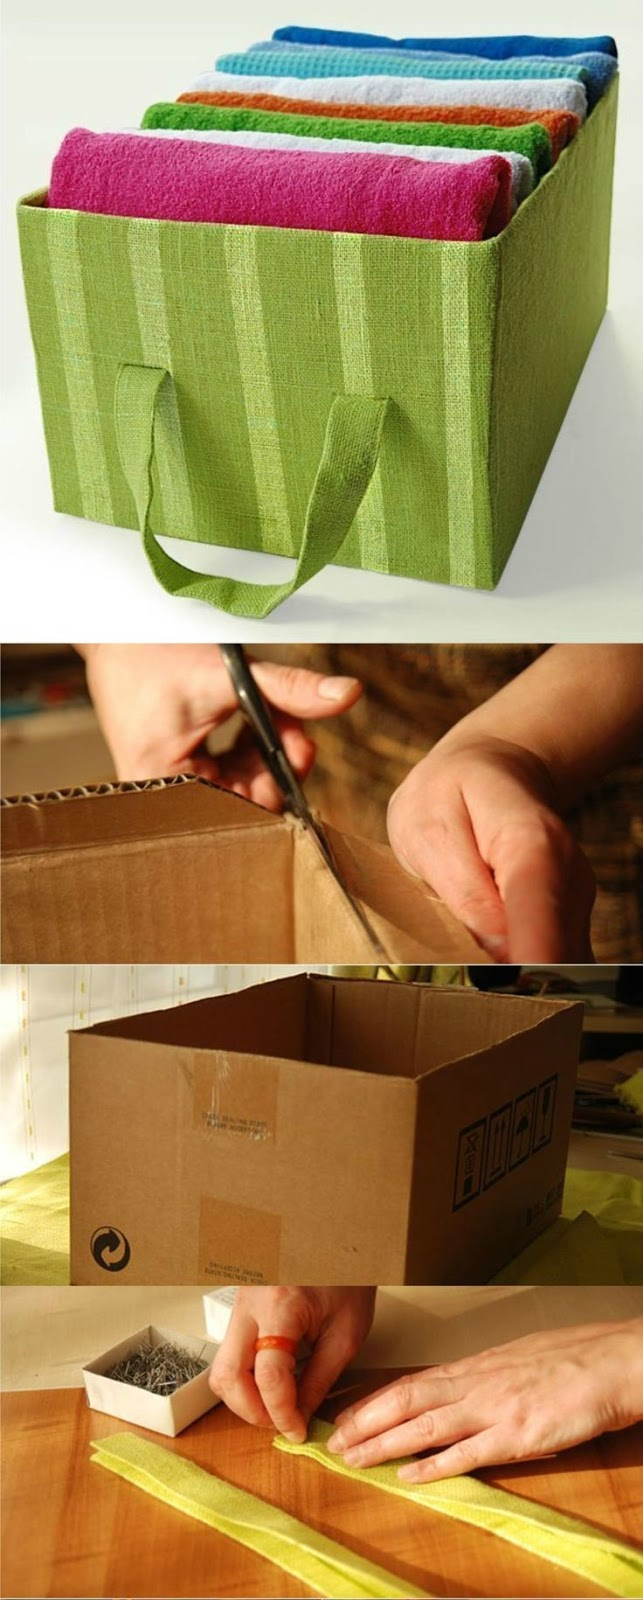 caixa organizadora feita com caixa de papelão.